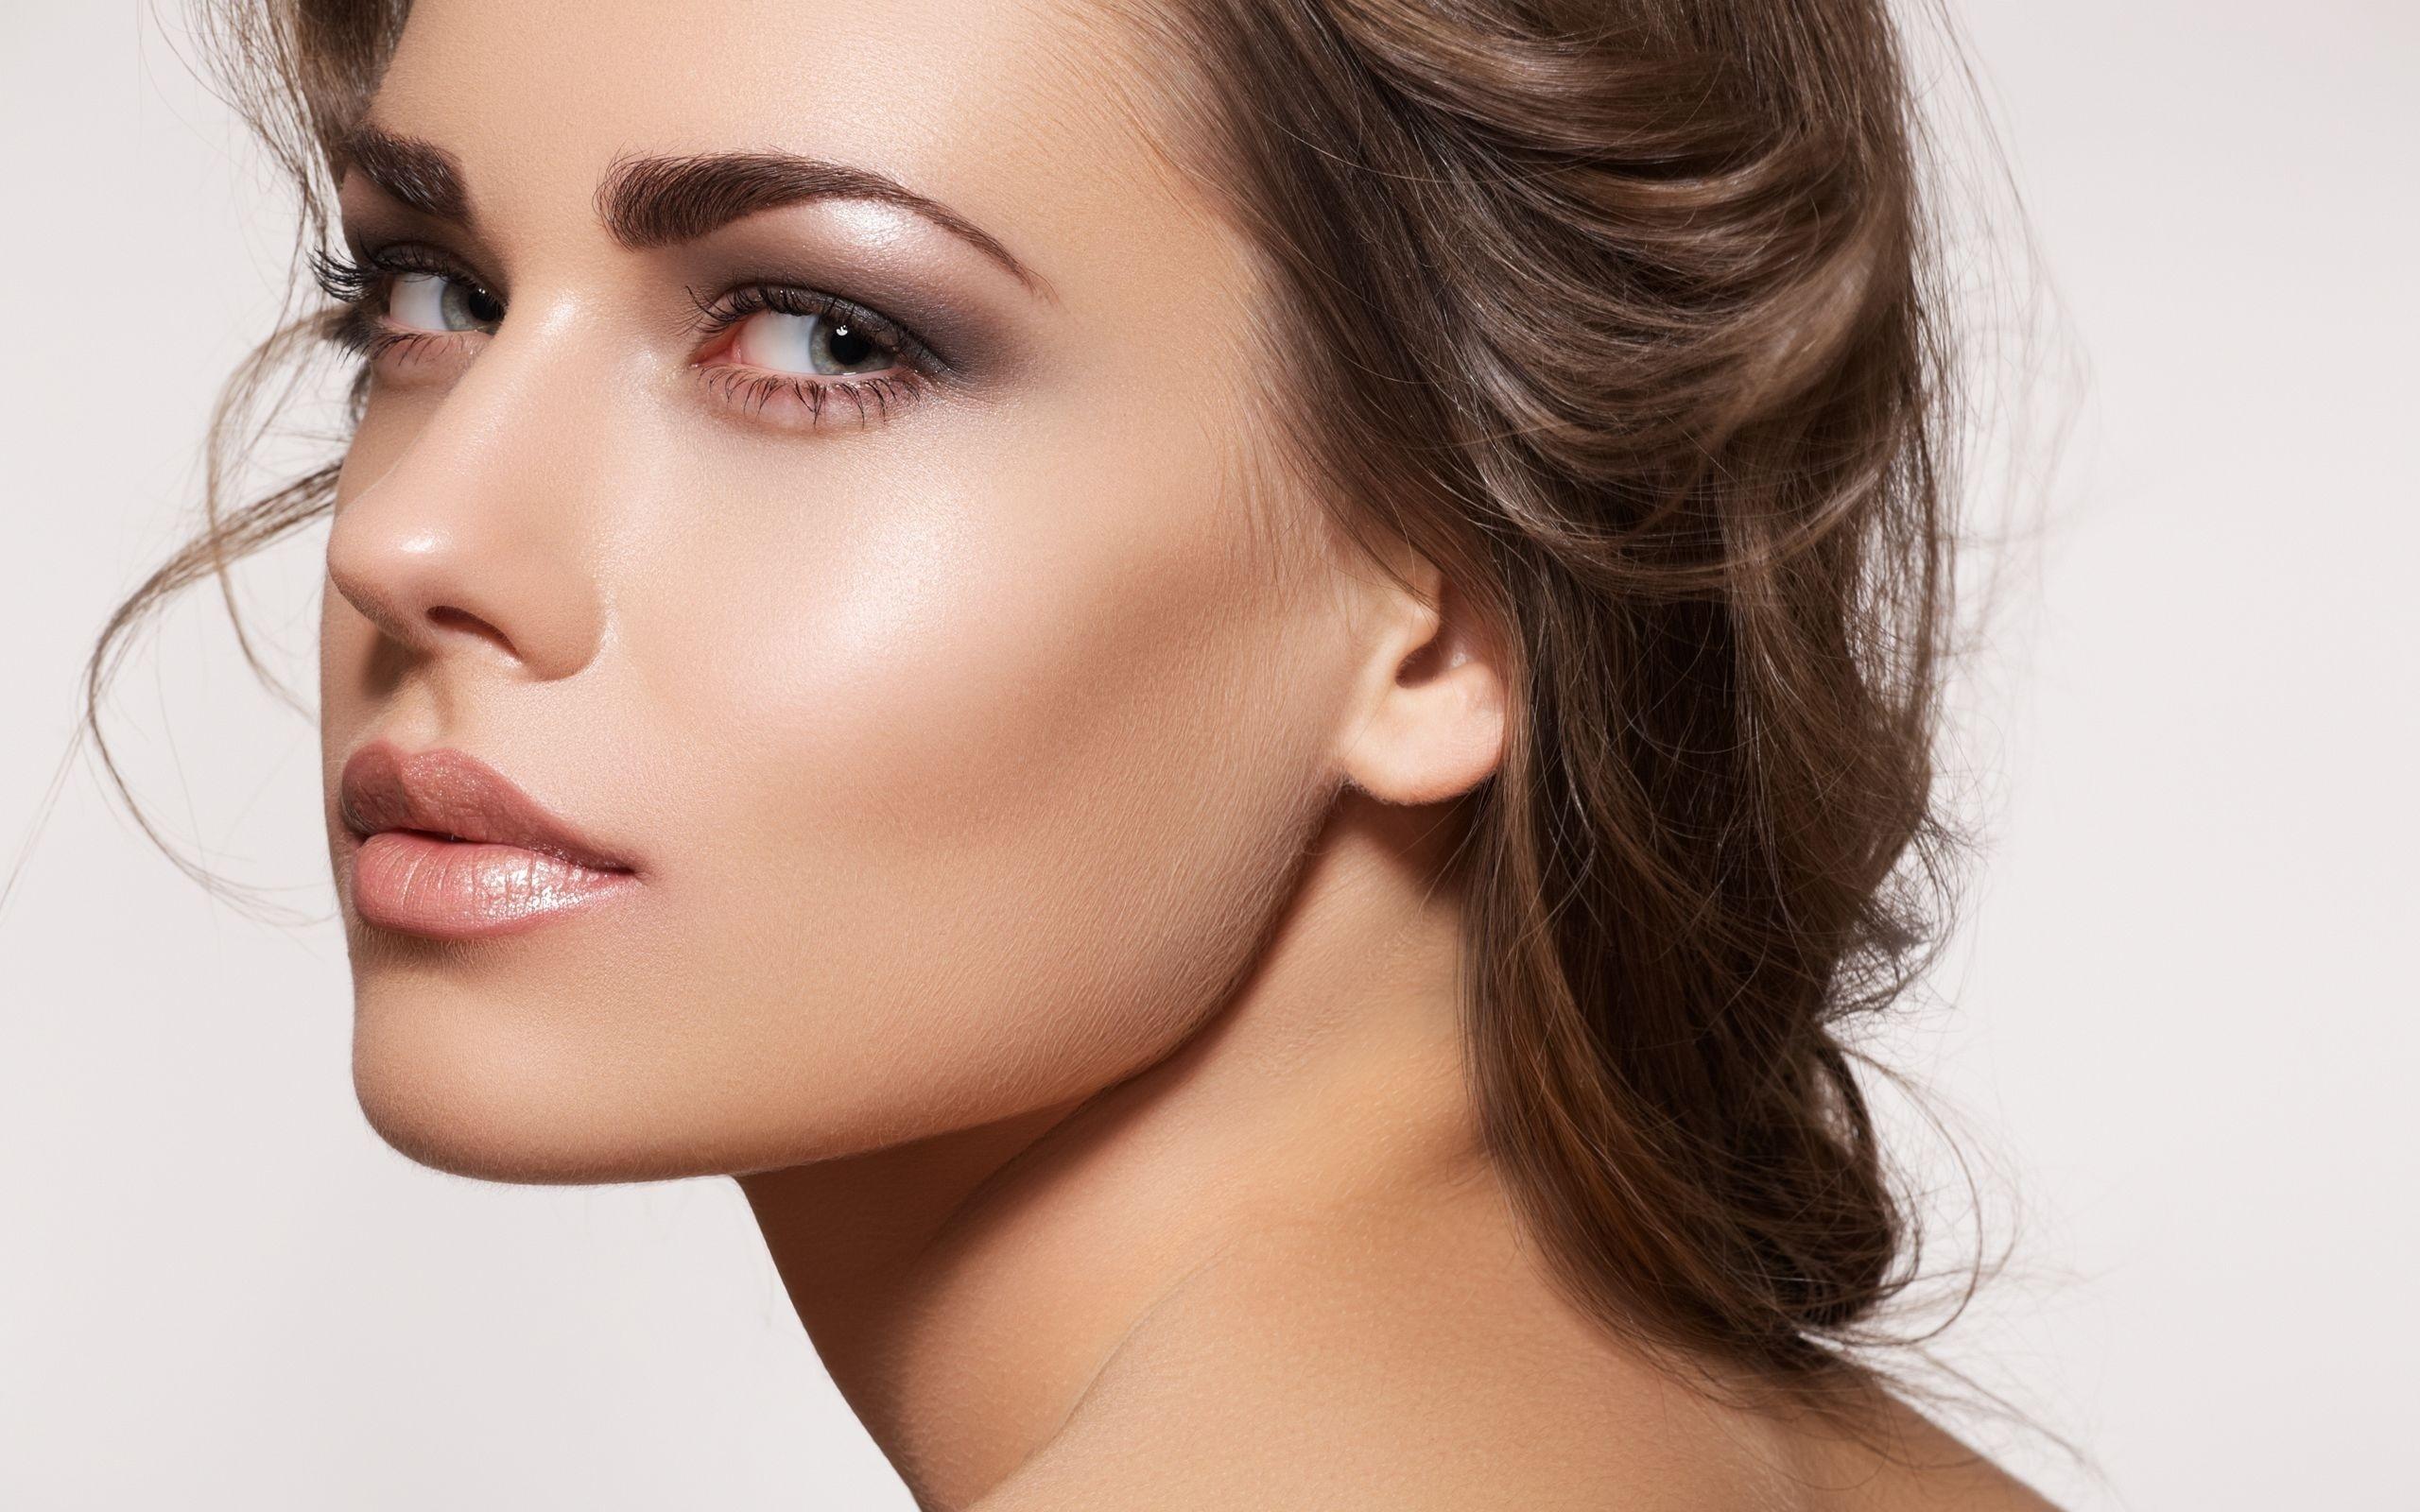 фото женских лиц макияж сытный ароматный